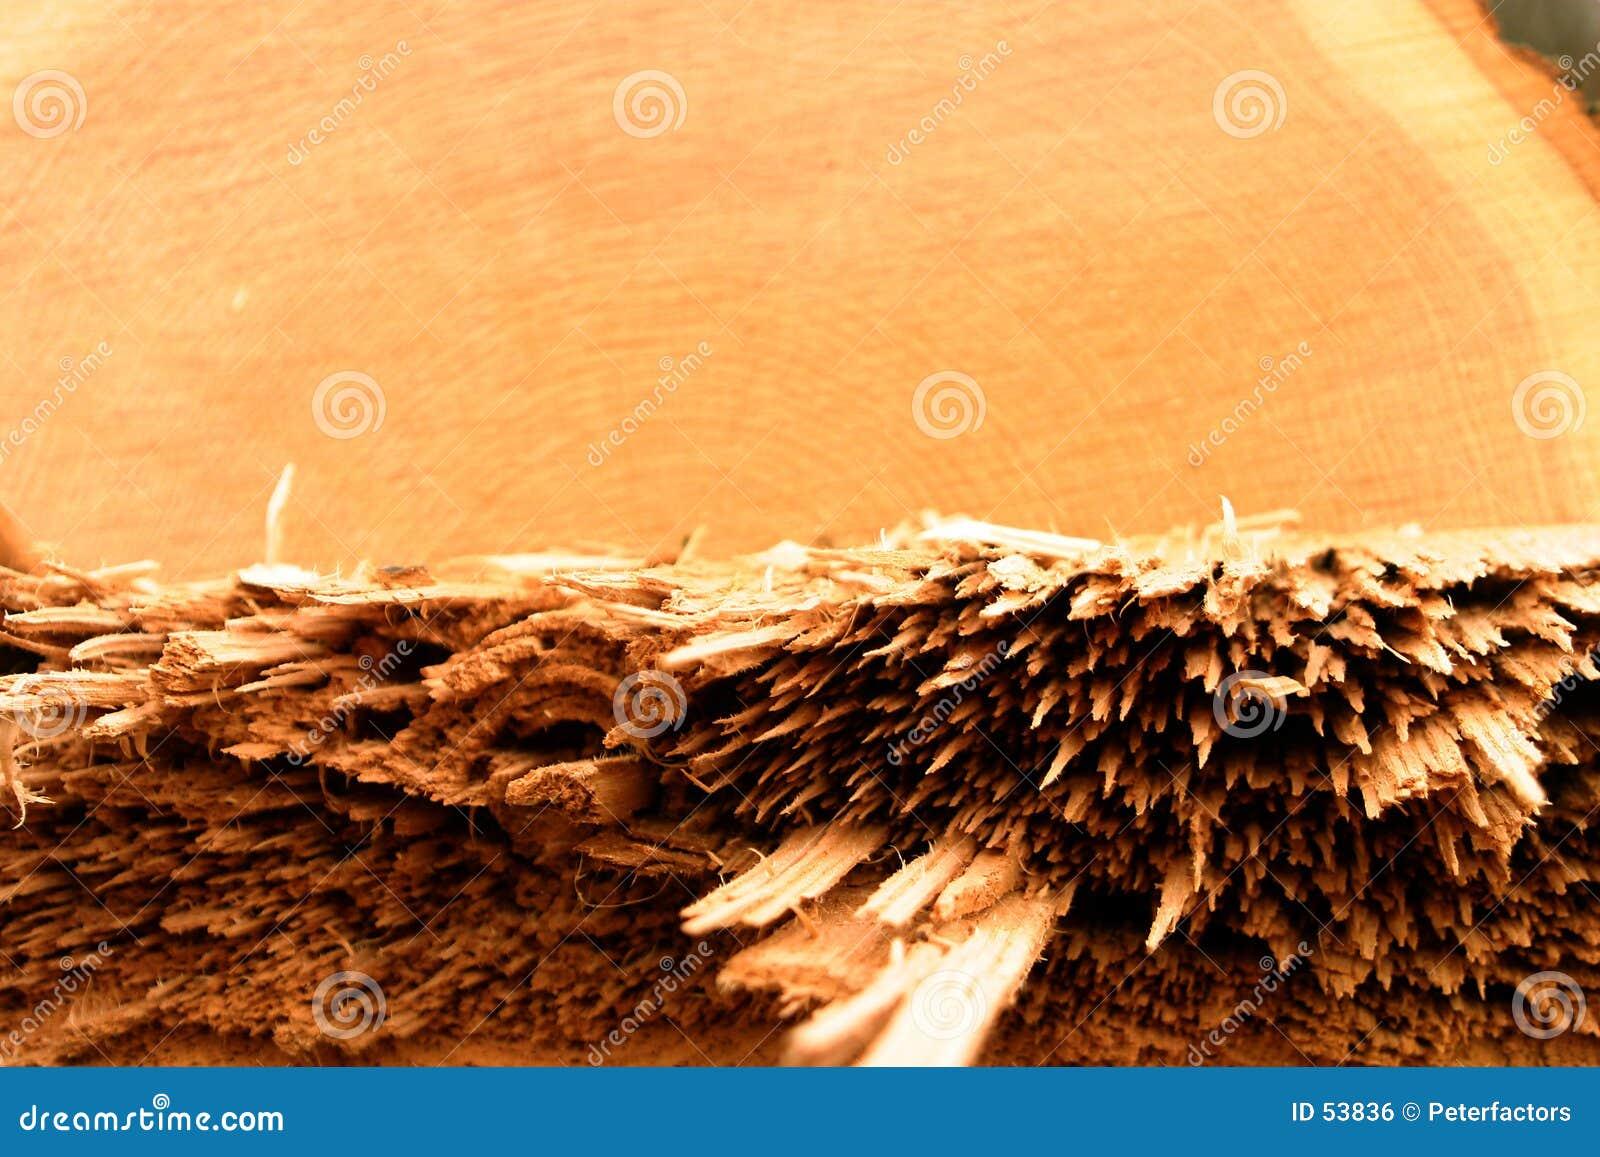 Detalle del árbol de roble tragado